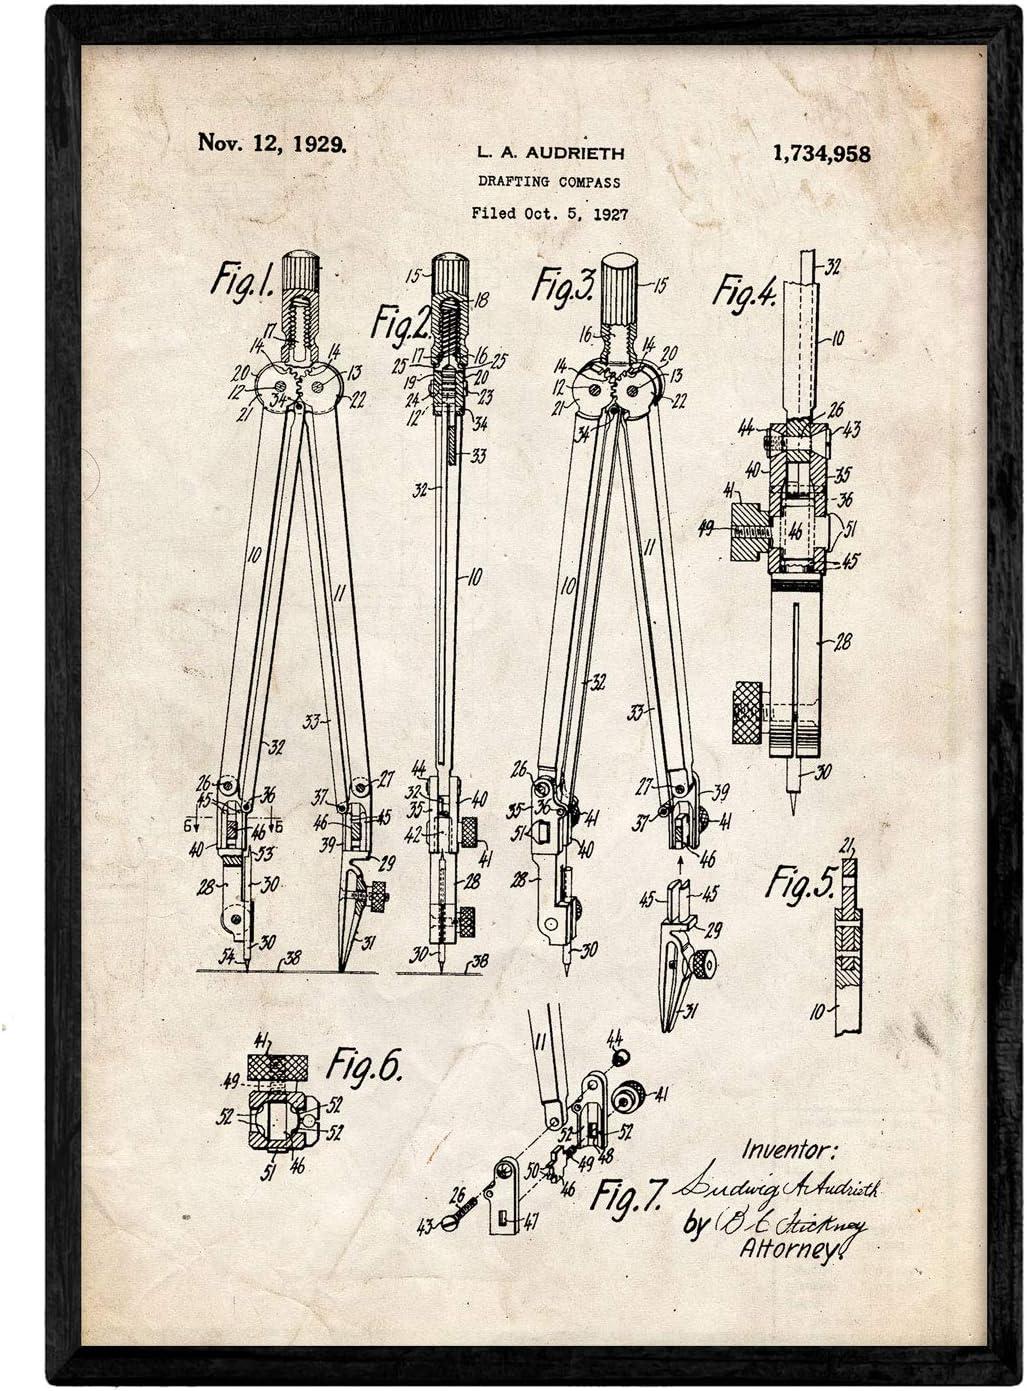 Nacnic Poster con patente de Compas. Lámina con diseño de patente antigua en tamaño A3 y con fondo vintage